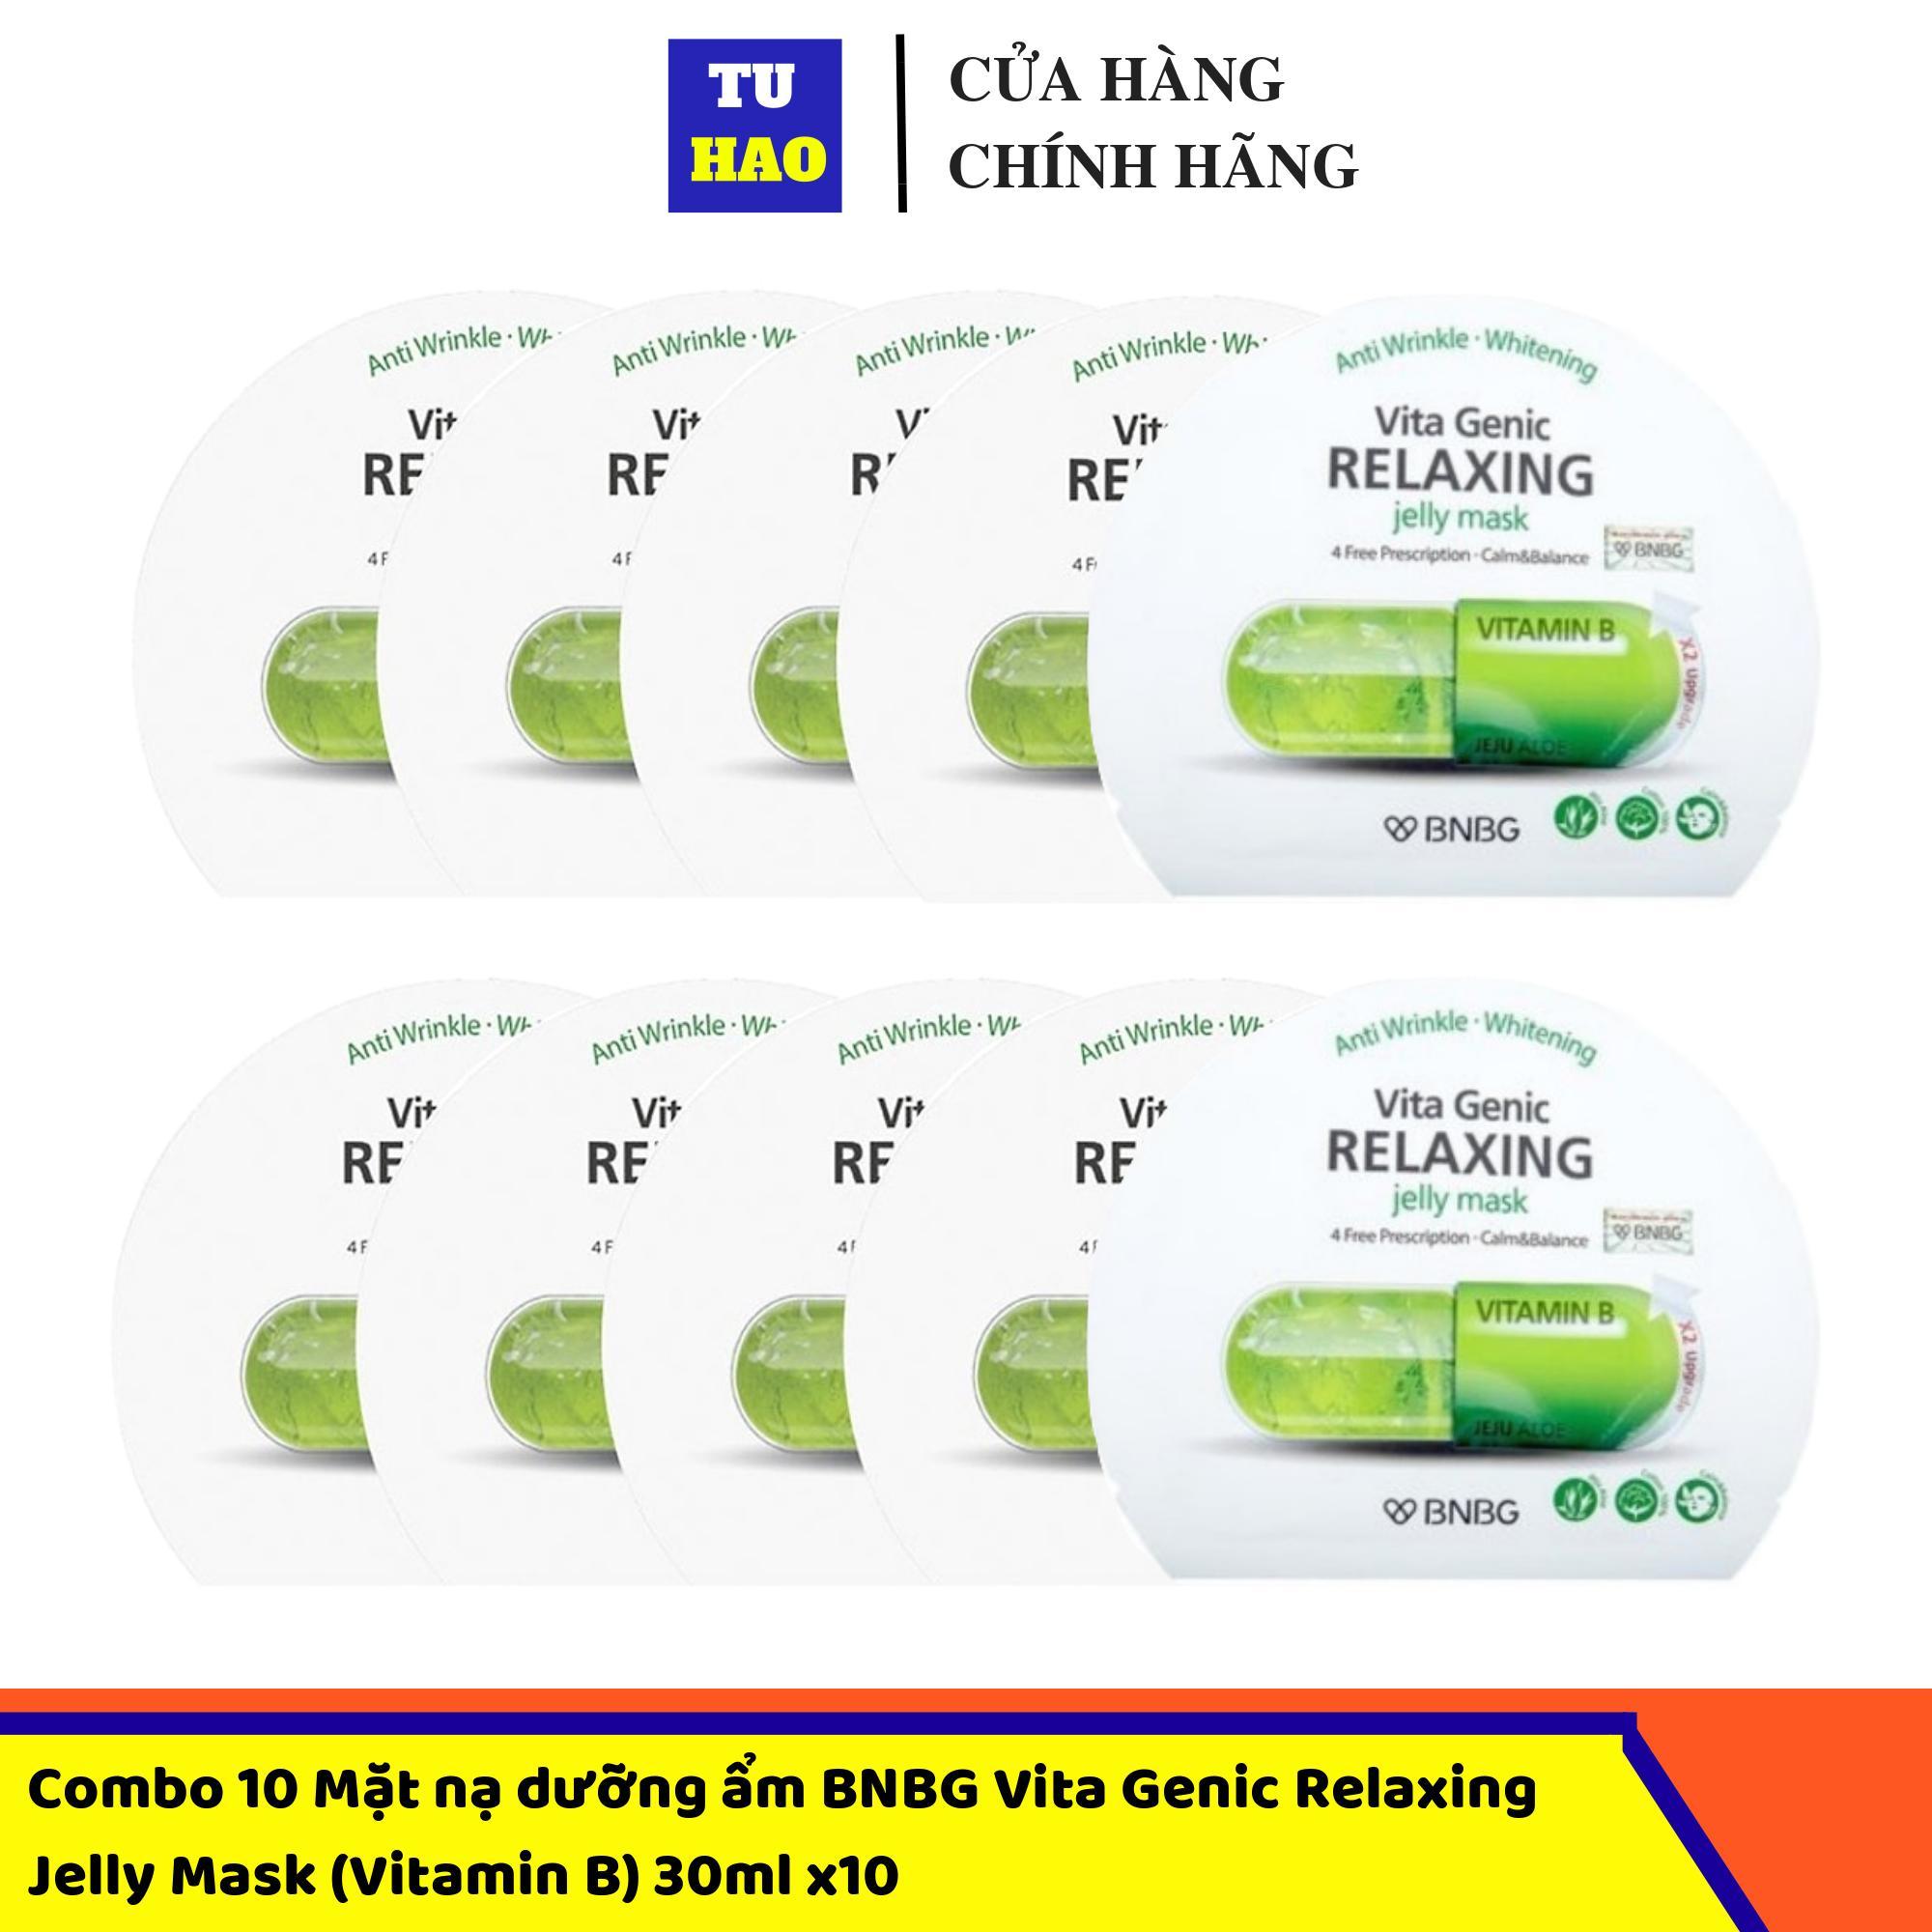 Hộp 10 Mặt nạ dưỡng ẩm BNBG Vita Genic Relaxing Jelly Mask (Vitamin B) 30ml x10 cao cấp